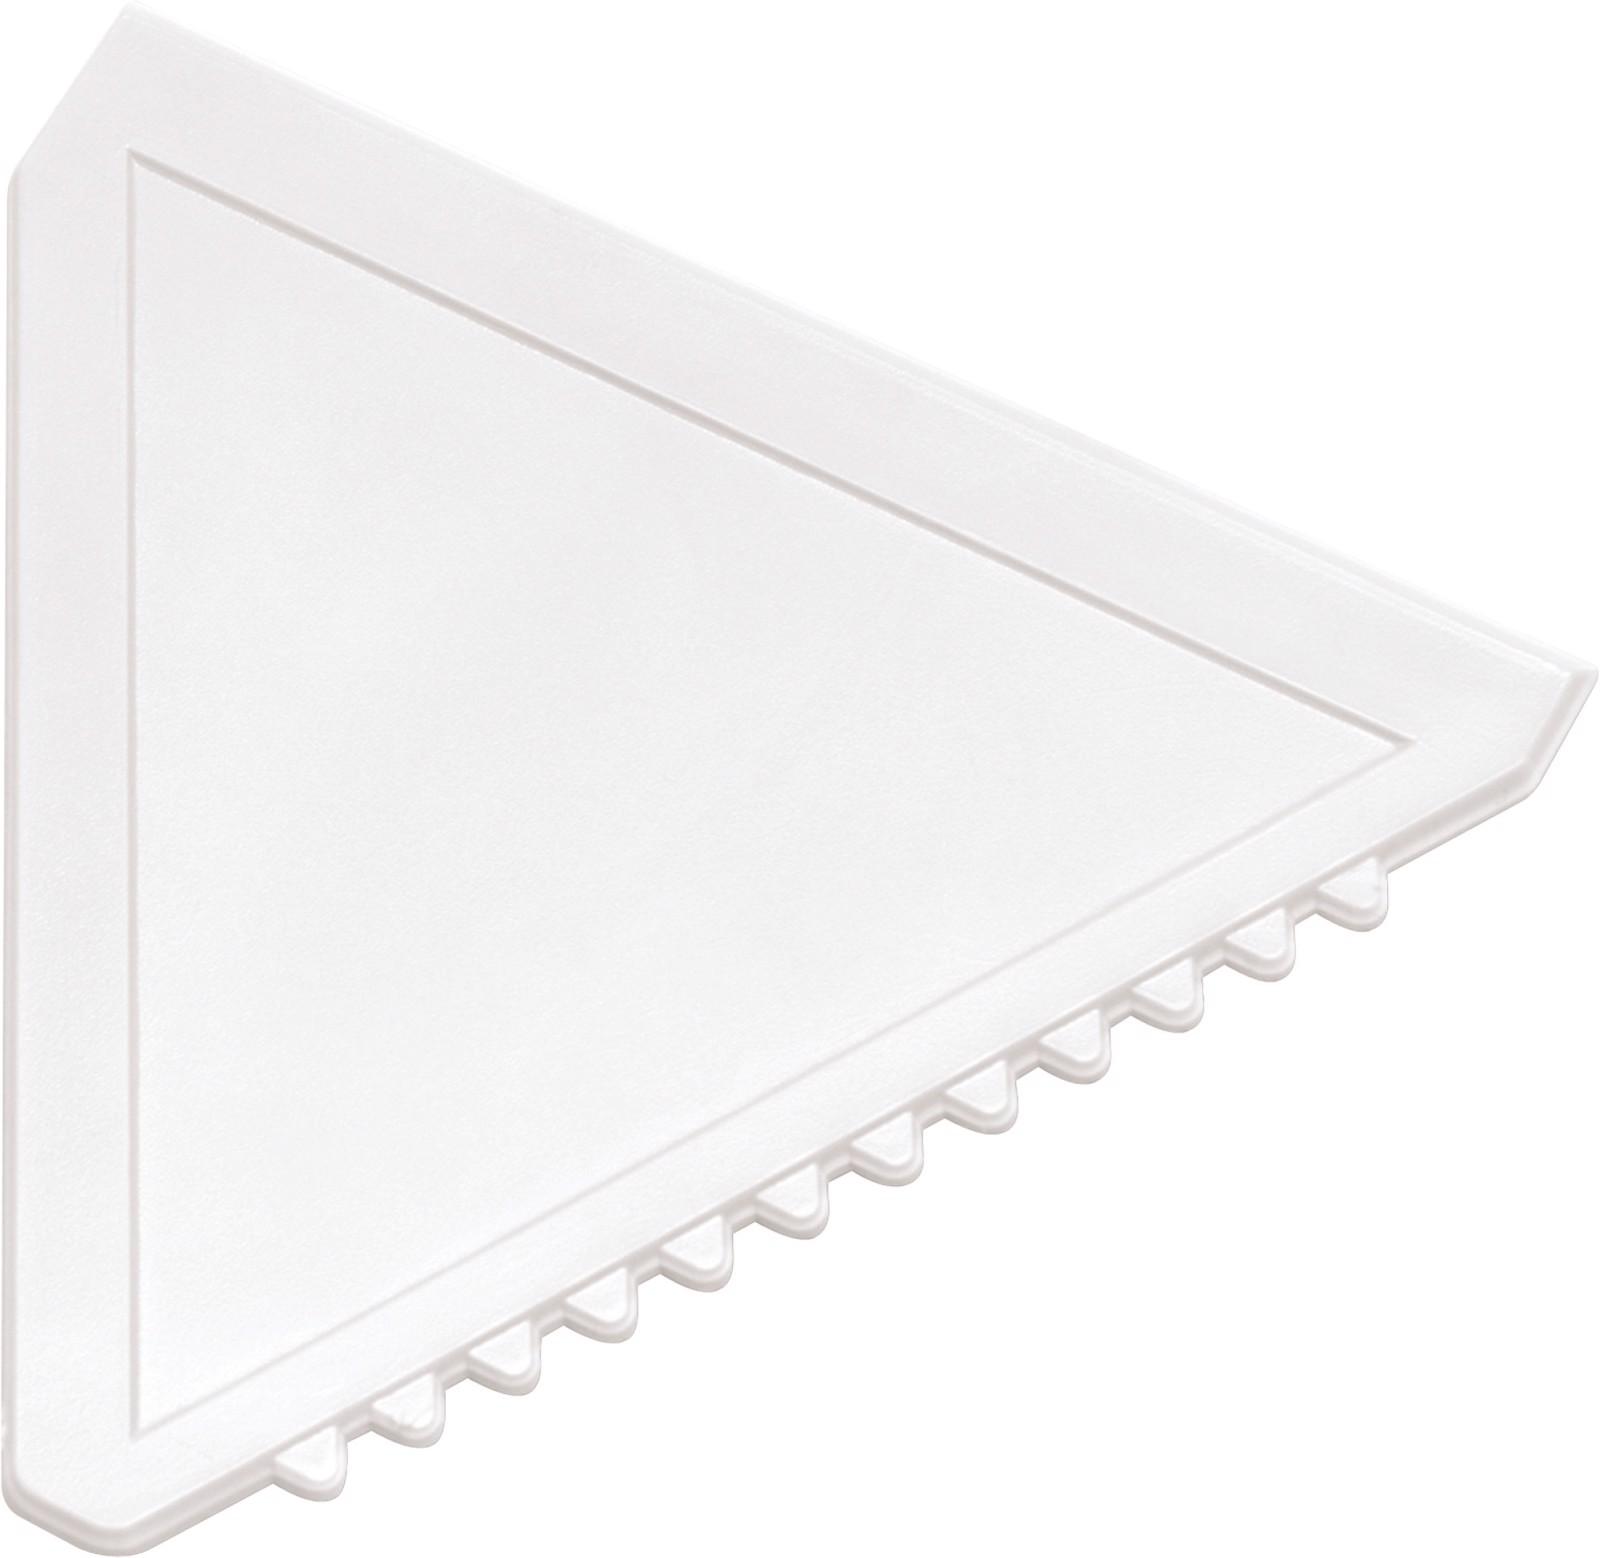 PS ice scraper - White